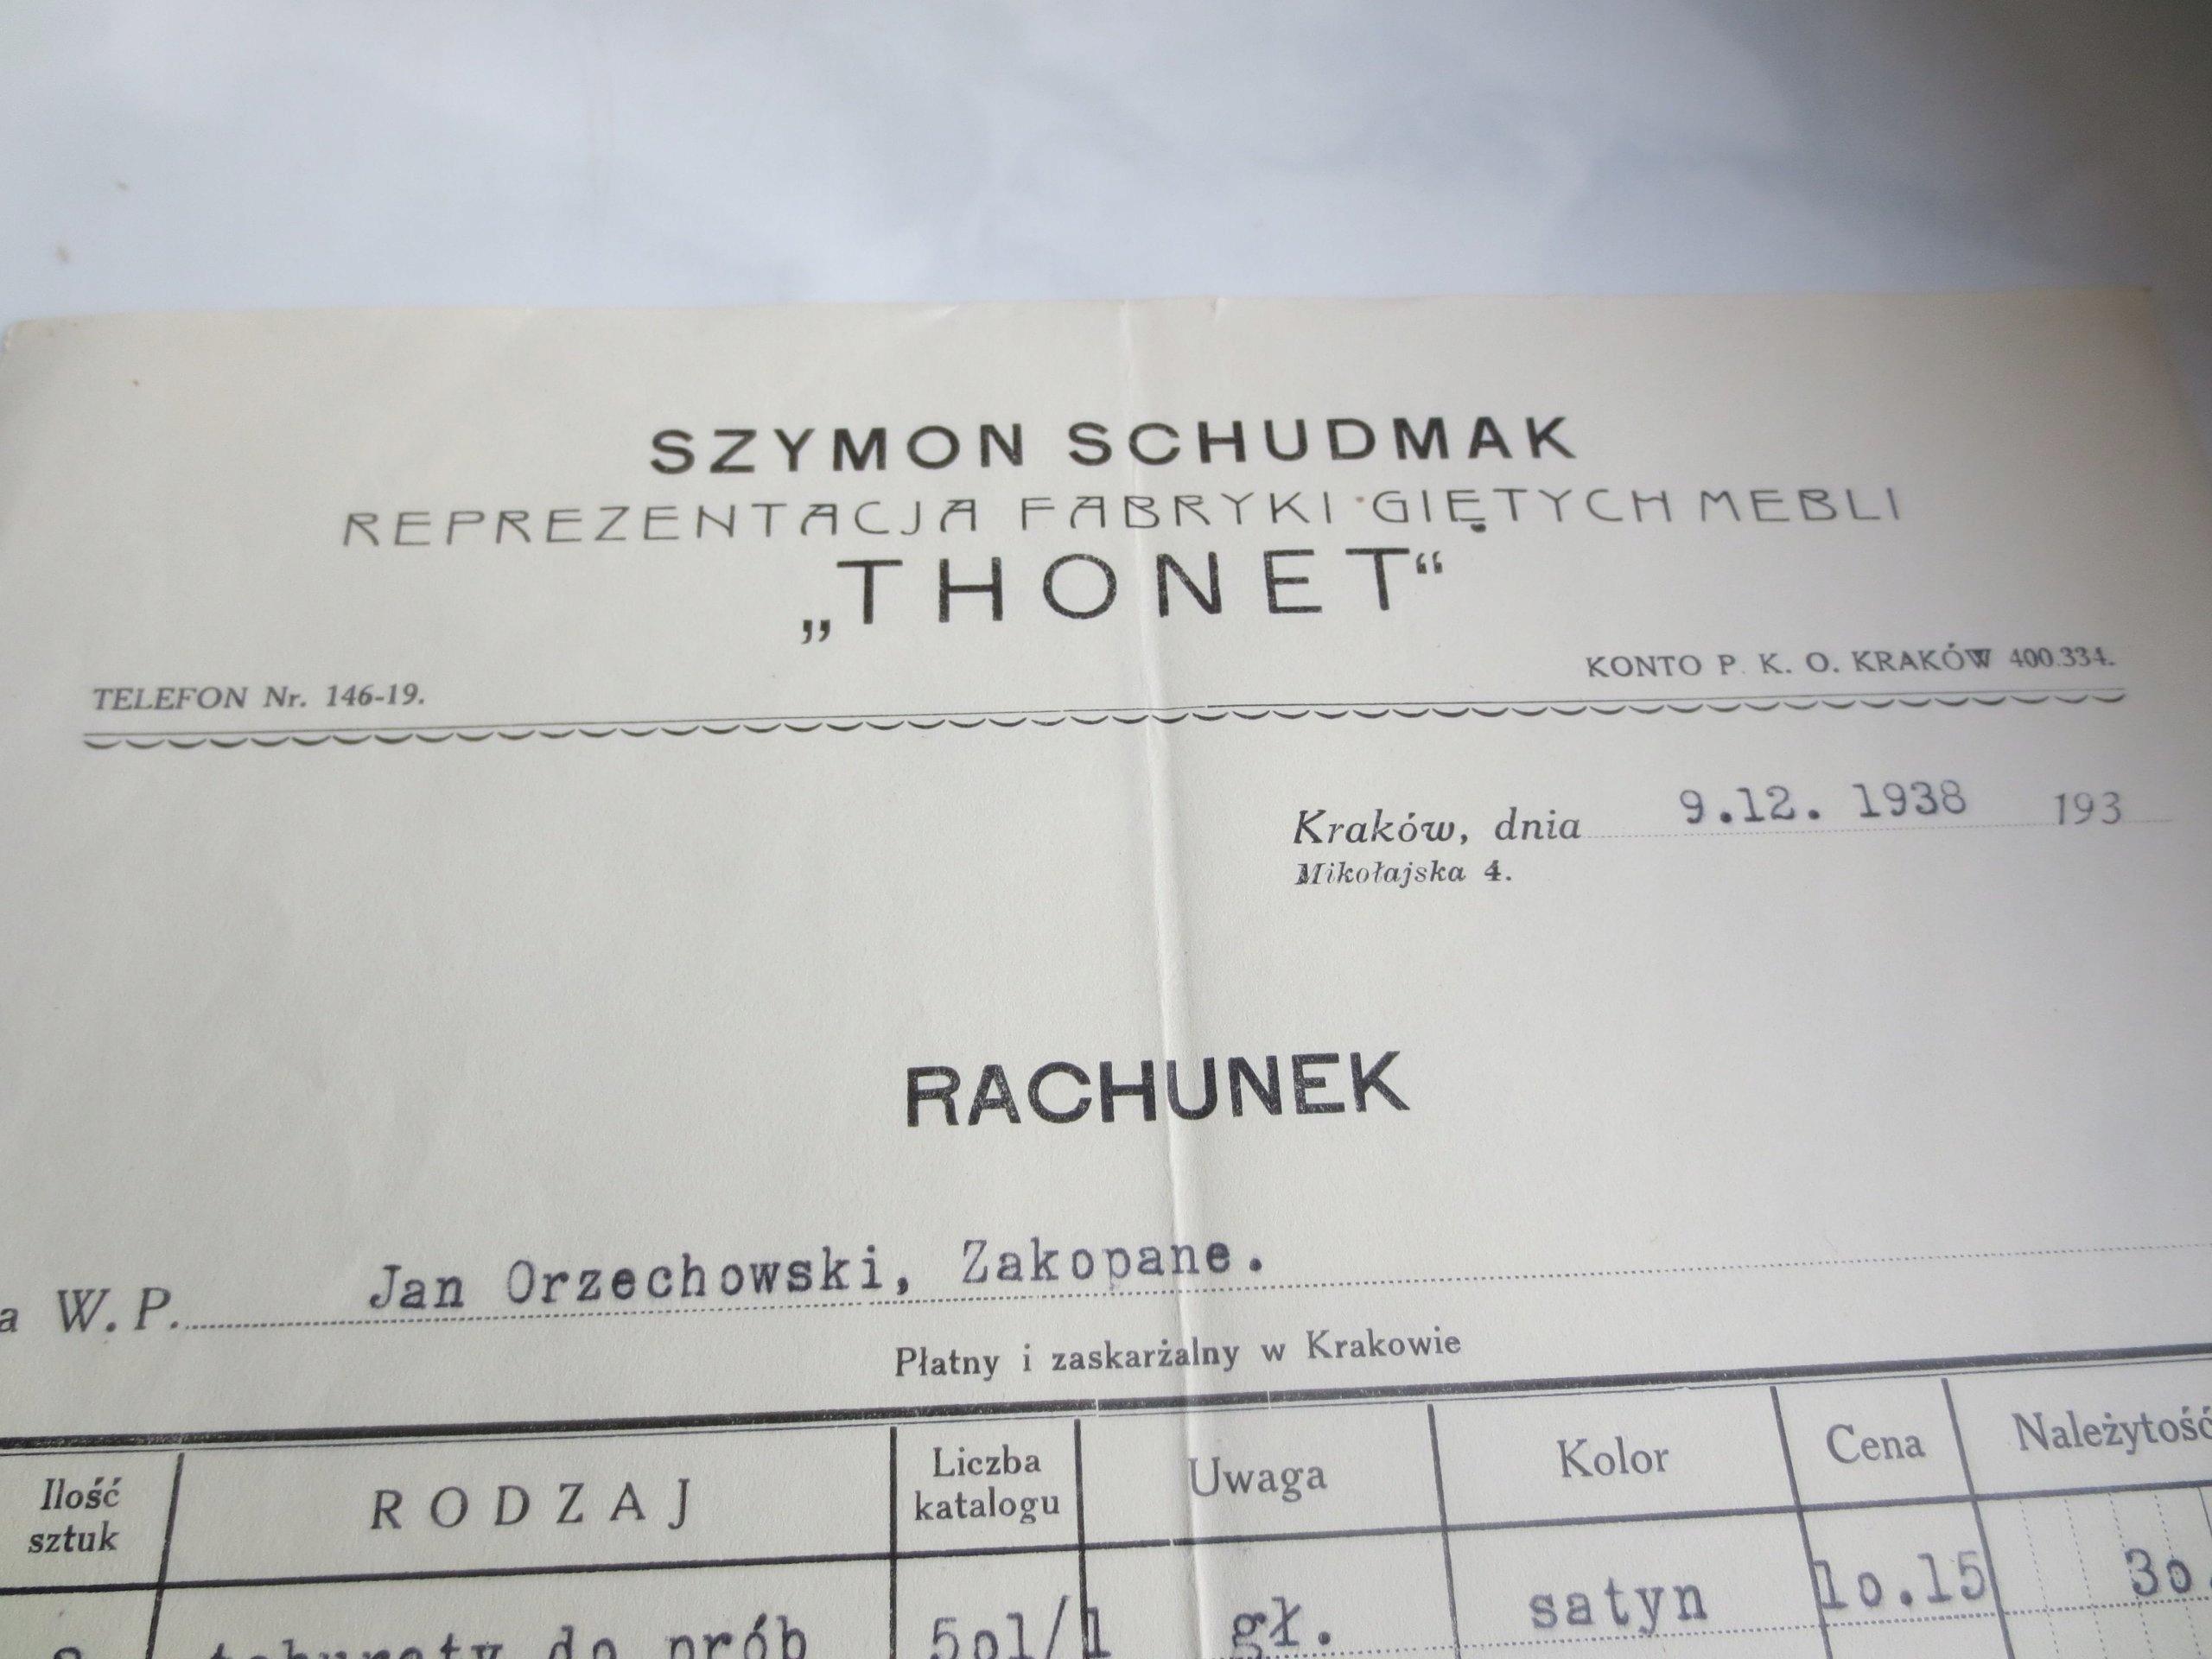 Schudmak Krakow Meble Giete Thonet Taboret Krzeslo 7425645377